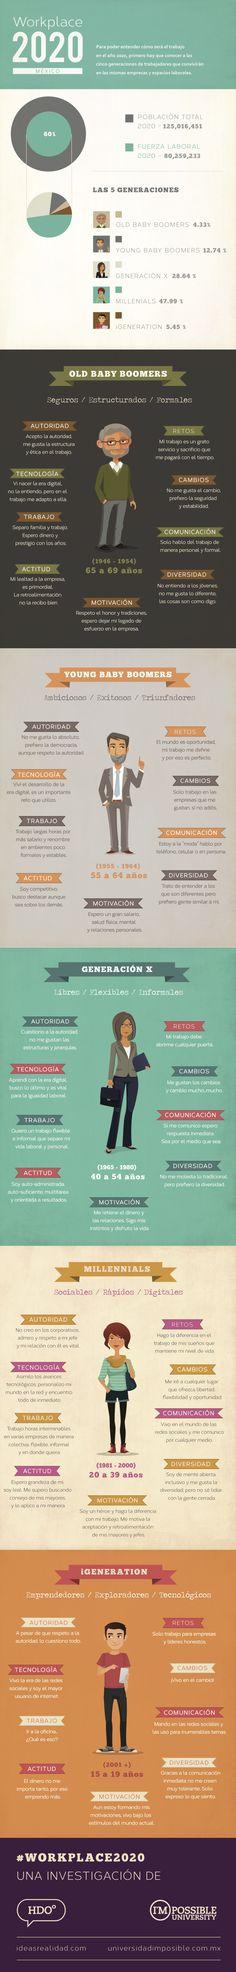 Cómo será el trabajo en México en 2020 #infografia #infographic #empleo #rrhh